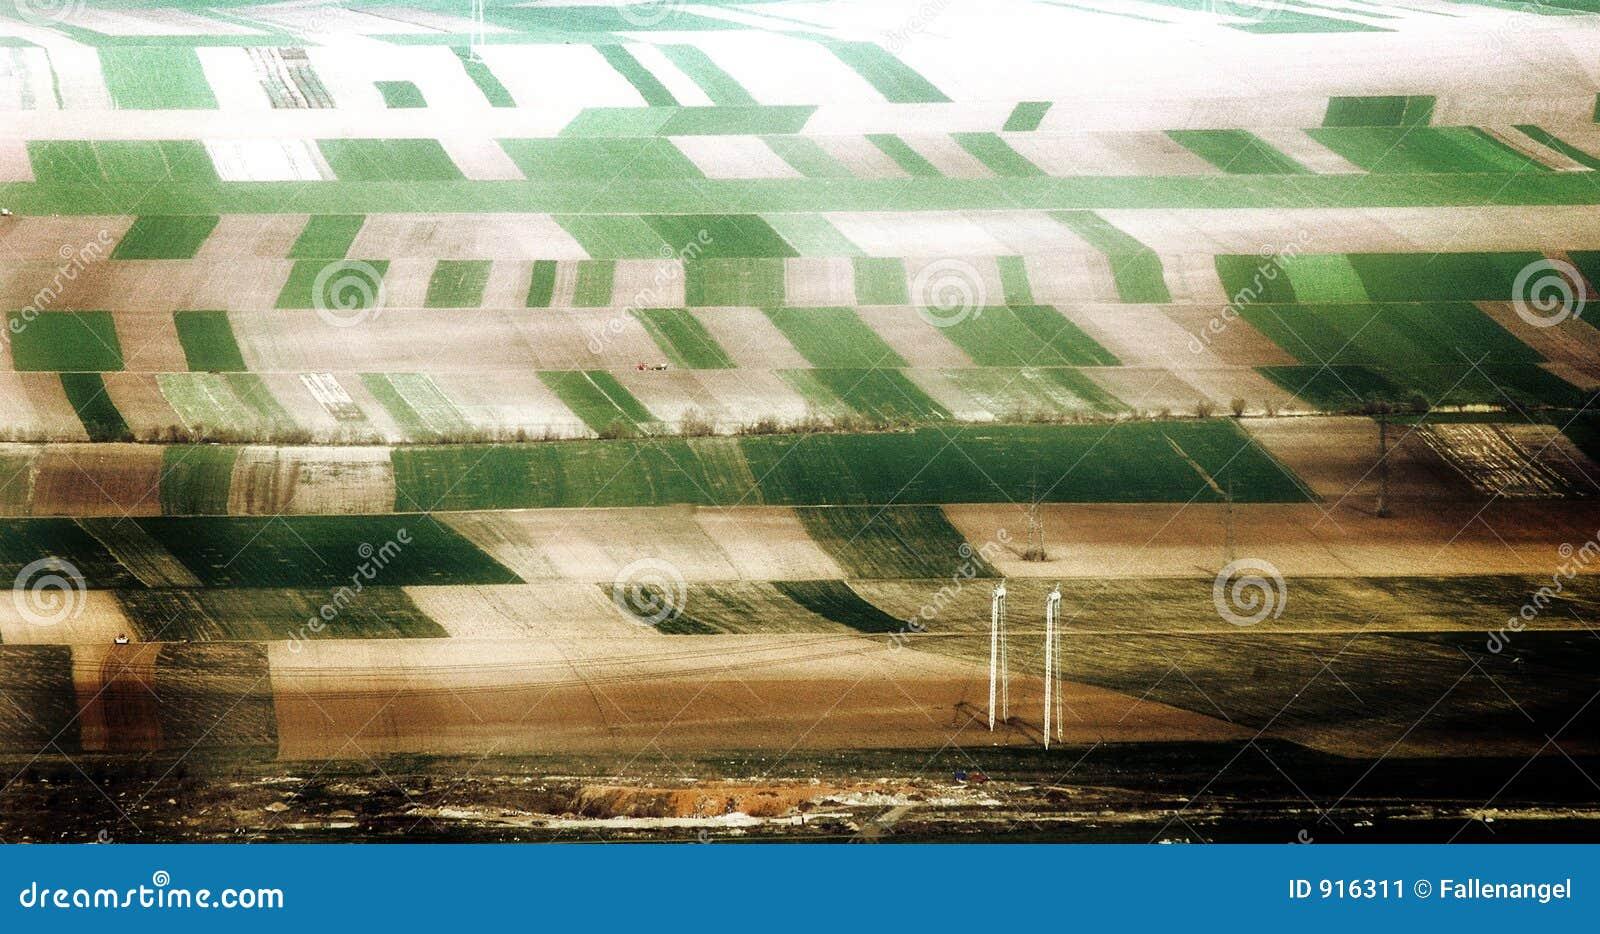 Landwirtschaft - sichtbares Korn